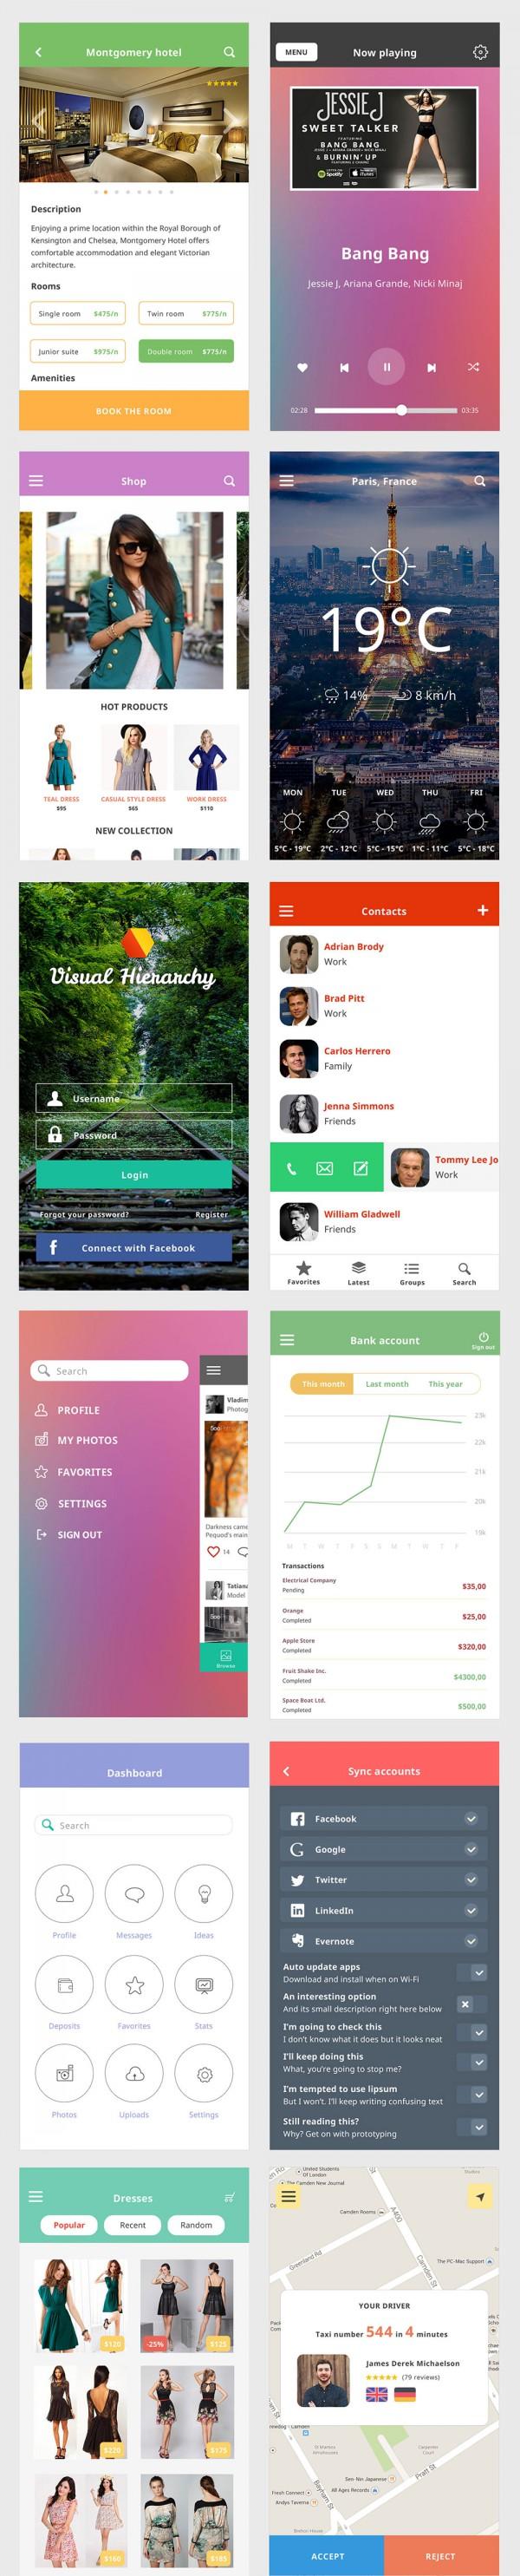 iOS 8 Mobile UI Kit Freebies